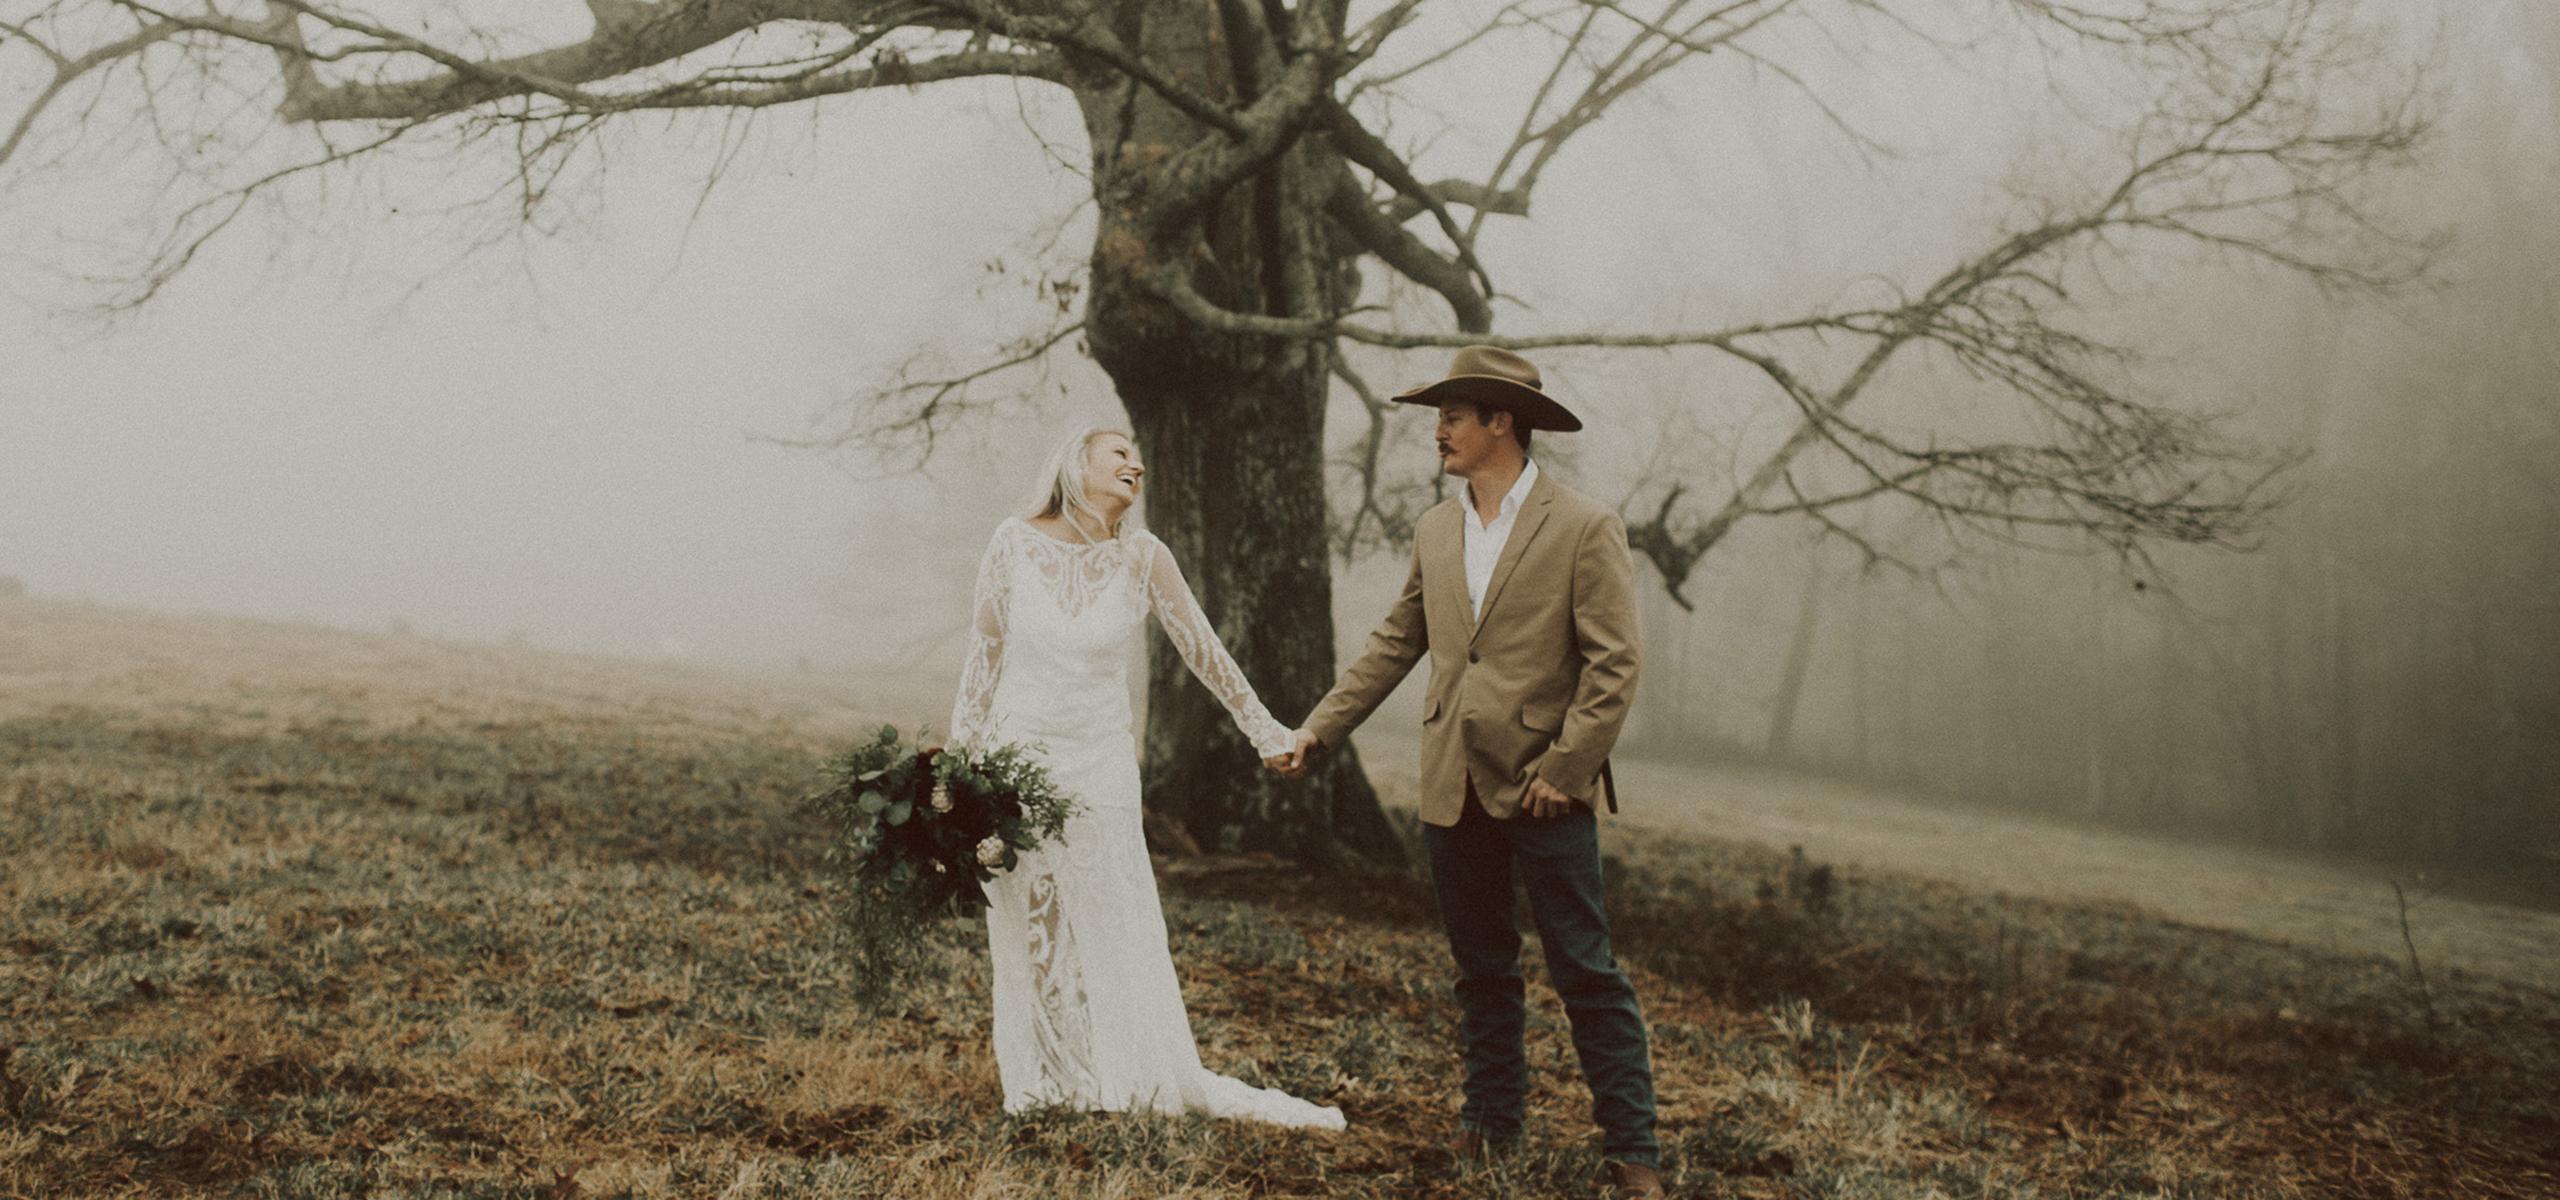 Palo Alto California Wedding Photography + Elopement Photography